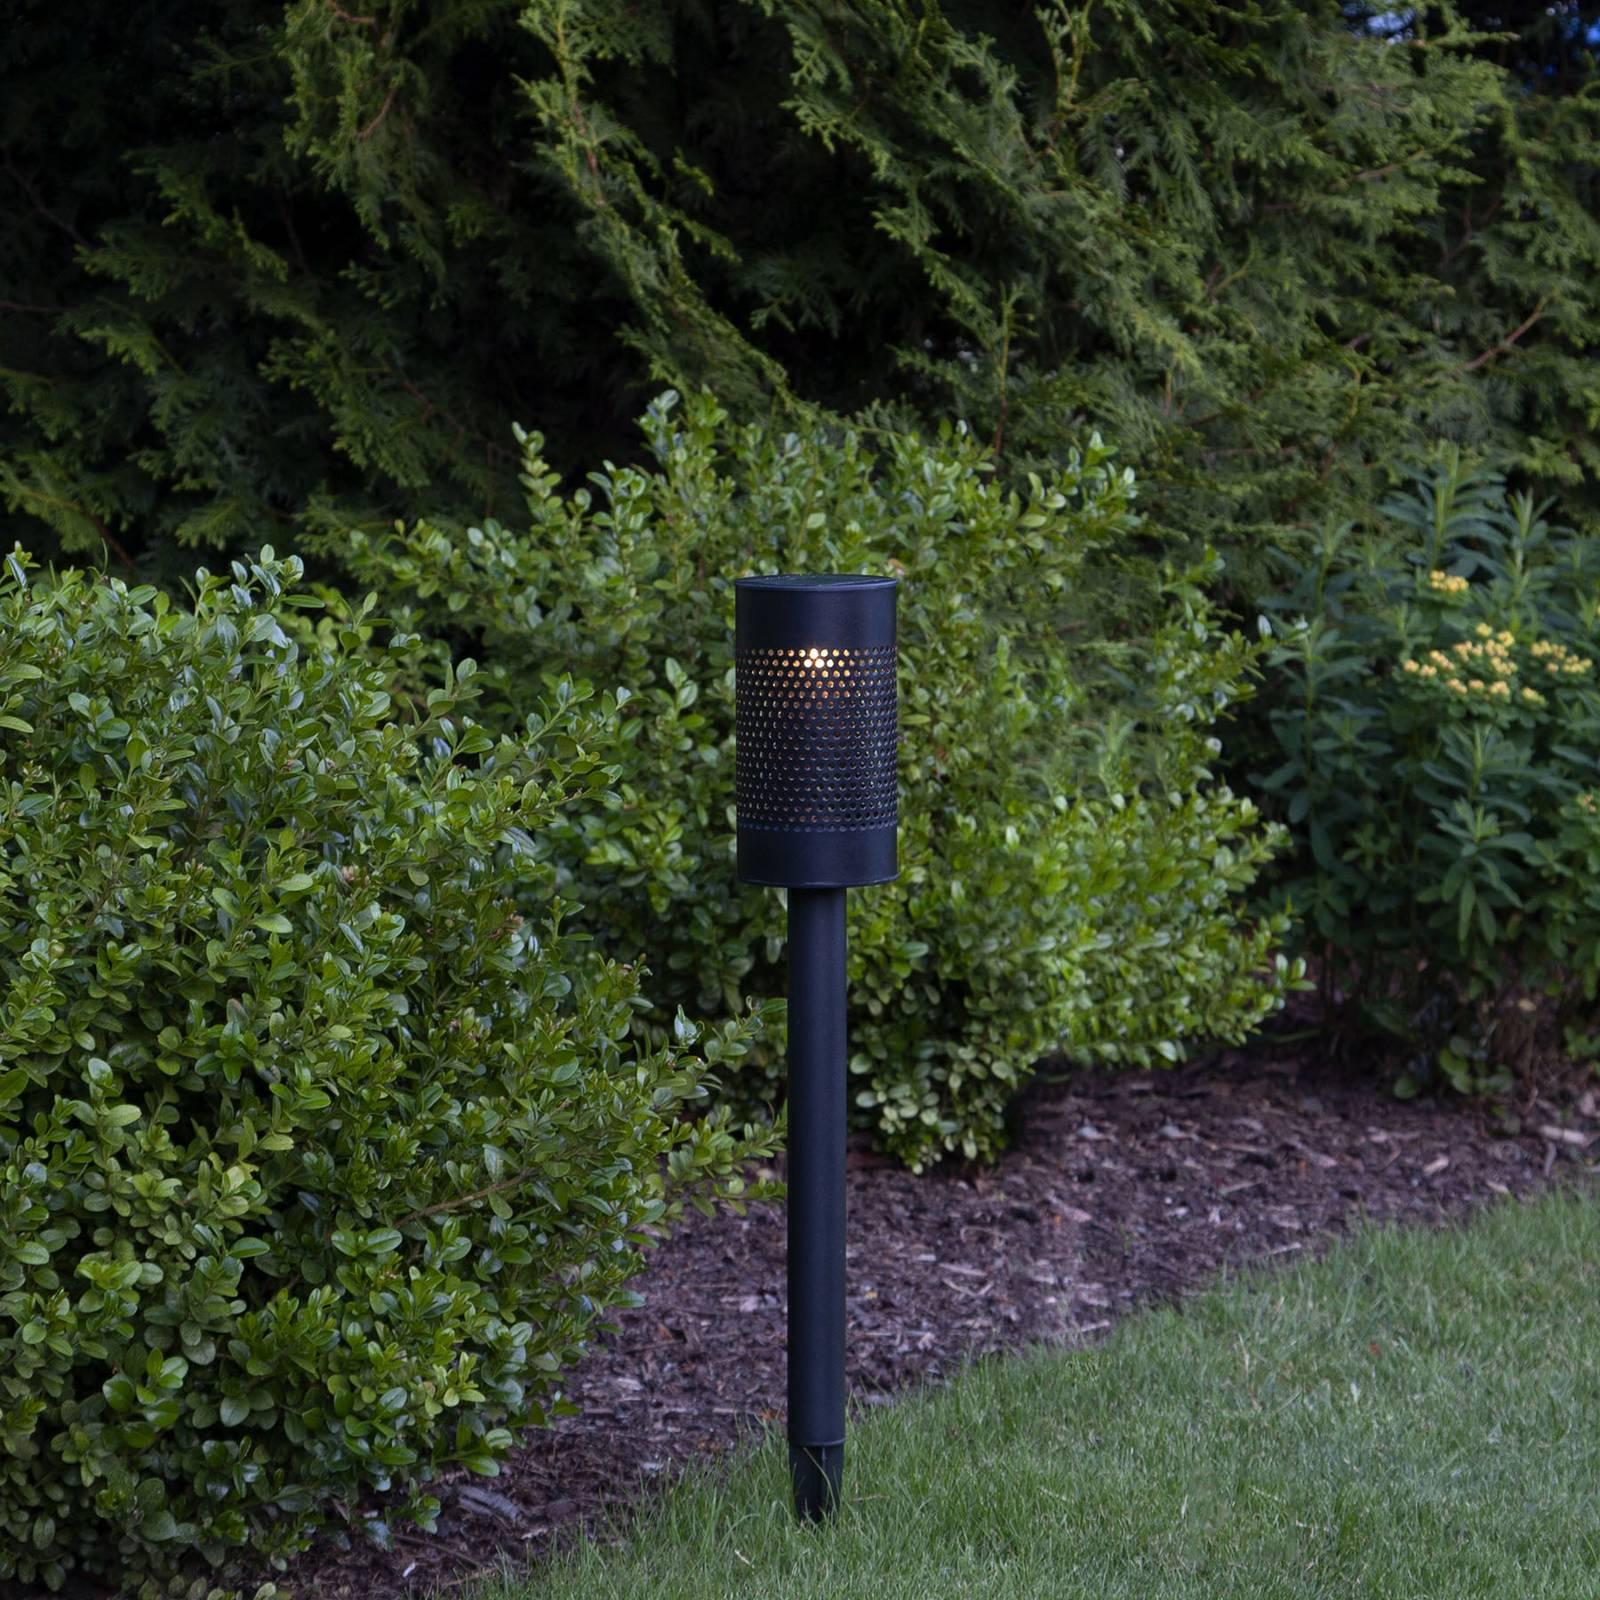 Aurinkokäyttöinen Blace-LED-valaisin, 46 cm